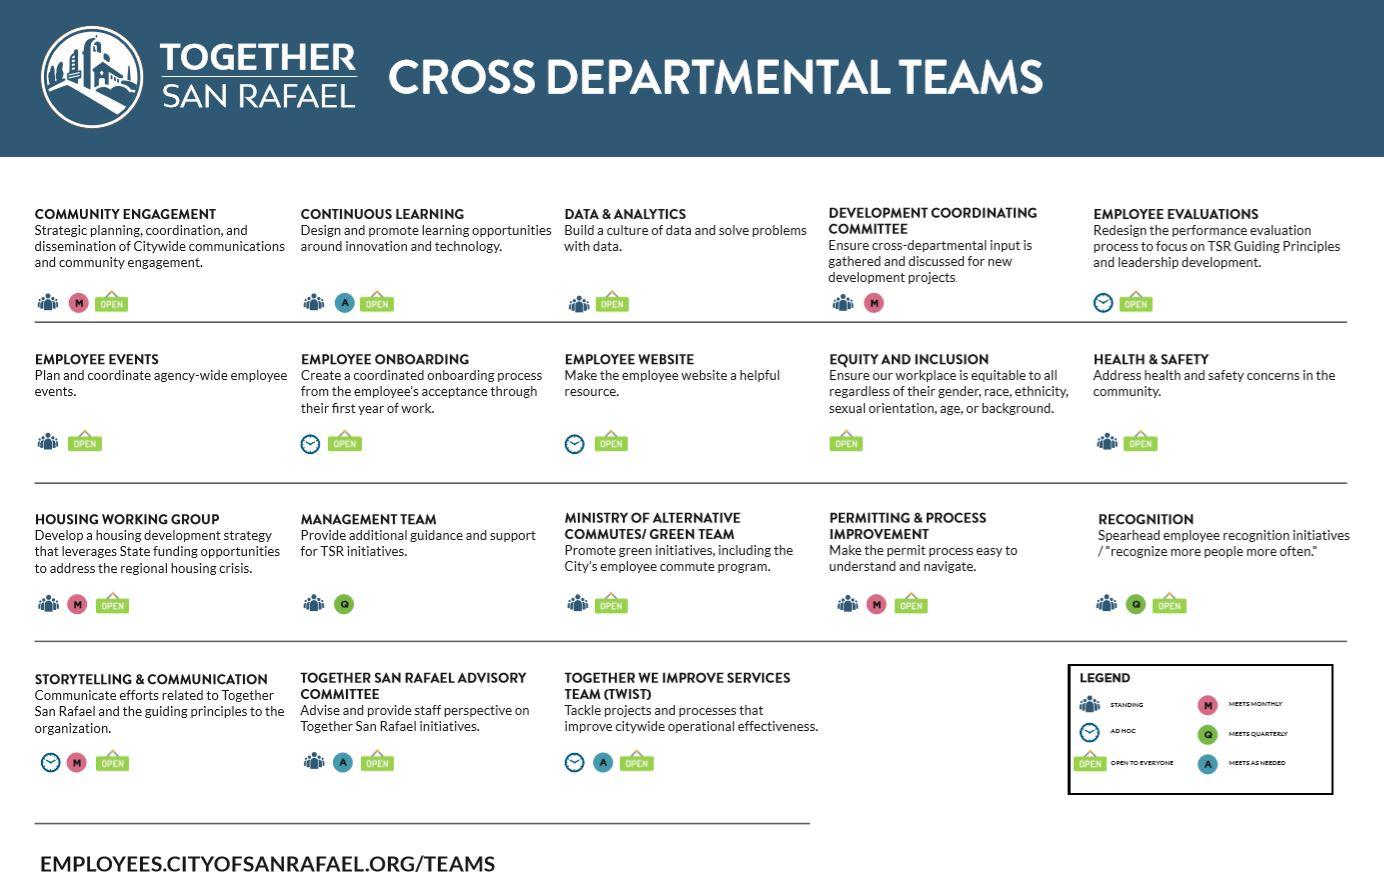 cross-departmental teams